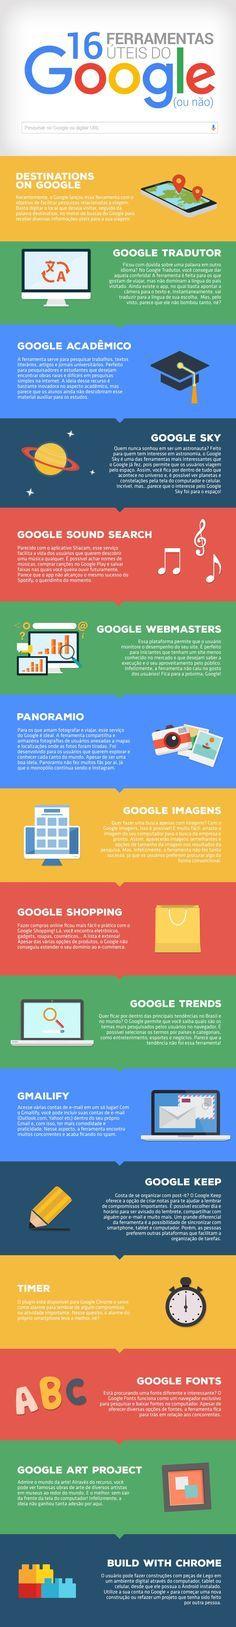 Manual Kit Sobrevivência do Google Ferramentas Úteis Camino Marketing Digital Consultoria Veja aqui nesta página em http://publicidademarketing.com/ferramentas-de-marketing/ uma lista das melhores #ferramentasdemarketing online para profissionais de publicidade usarem de forma eficaz e rentável.